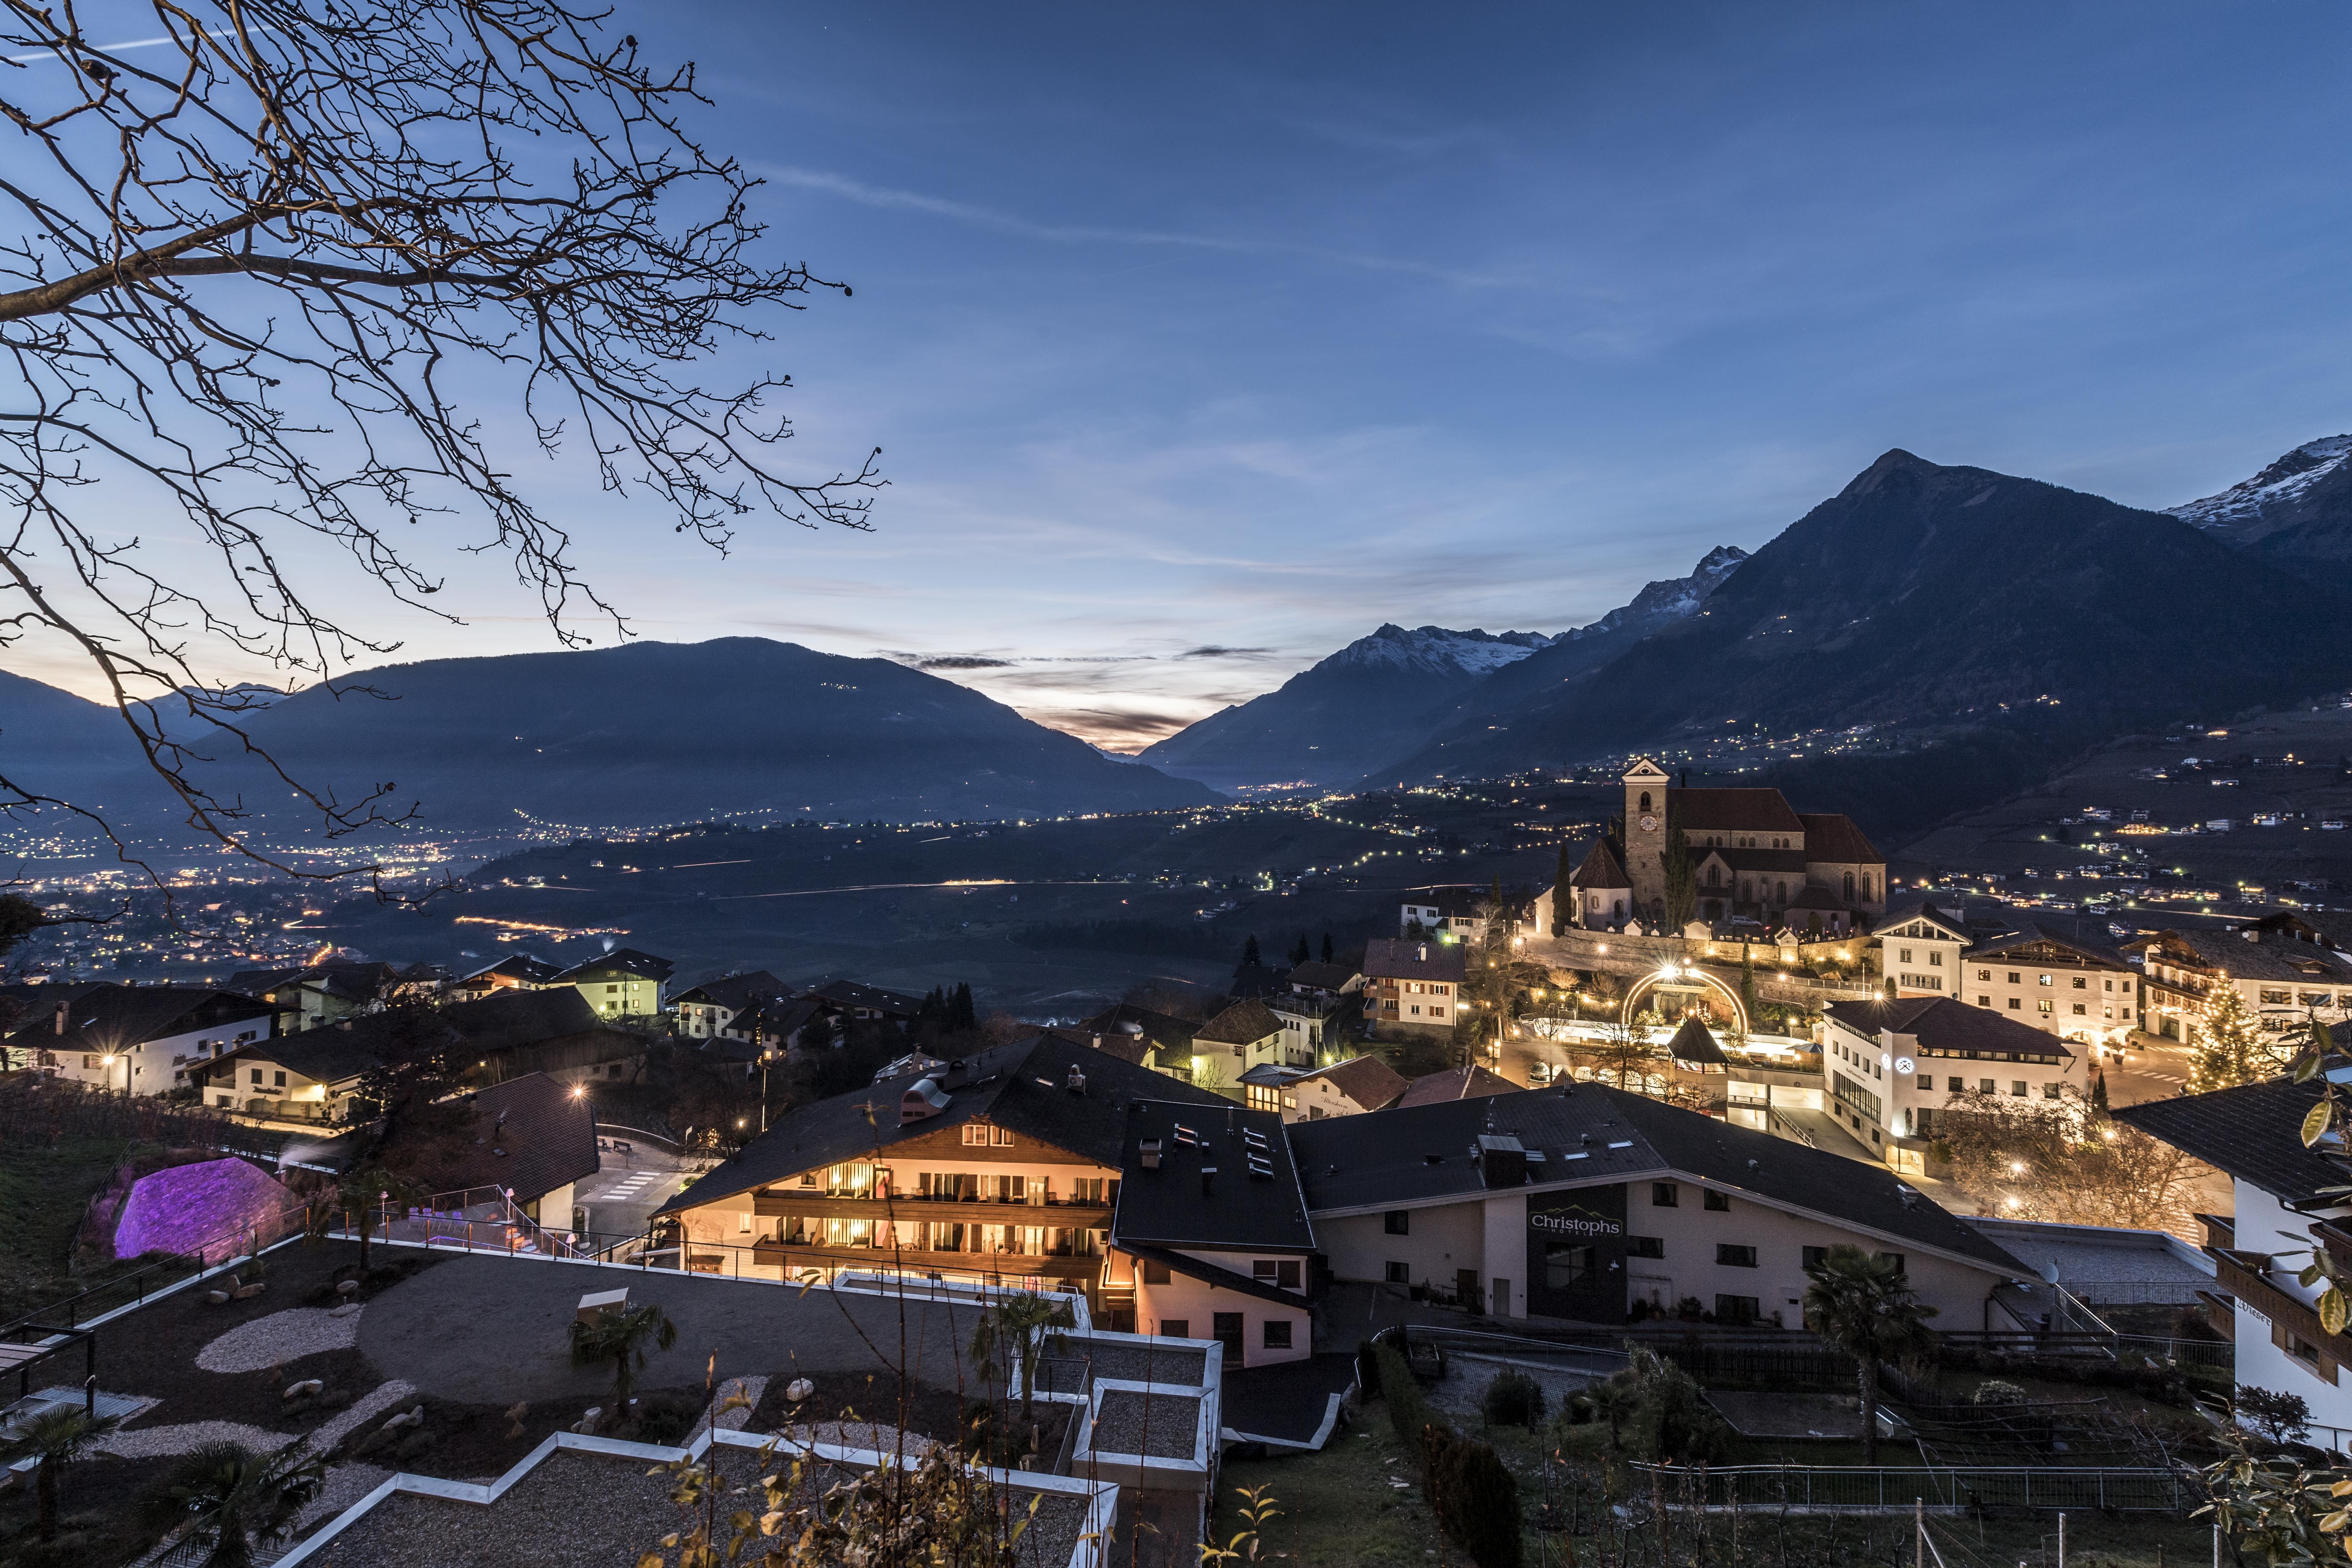 Bildnachweis: Tourismusverein Schenna/Hannes Niederkofler